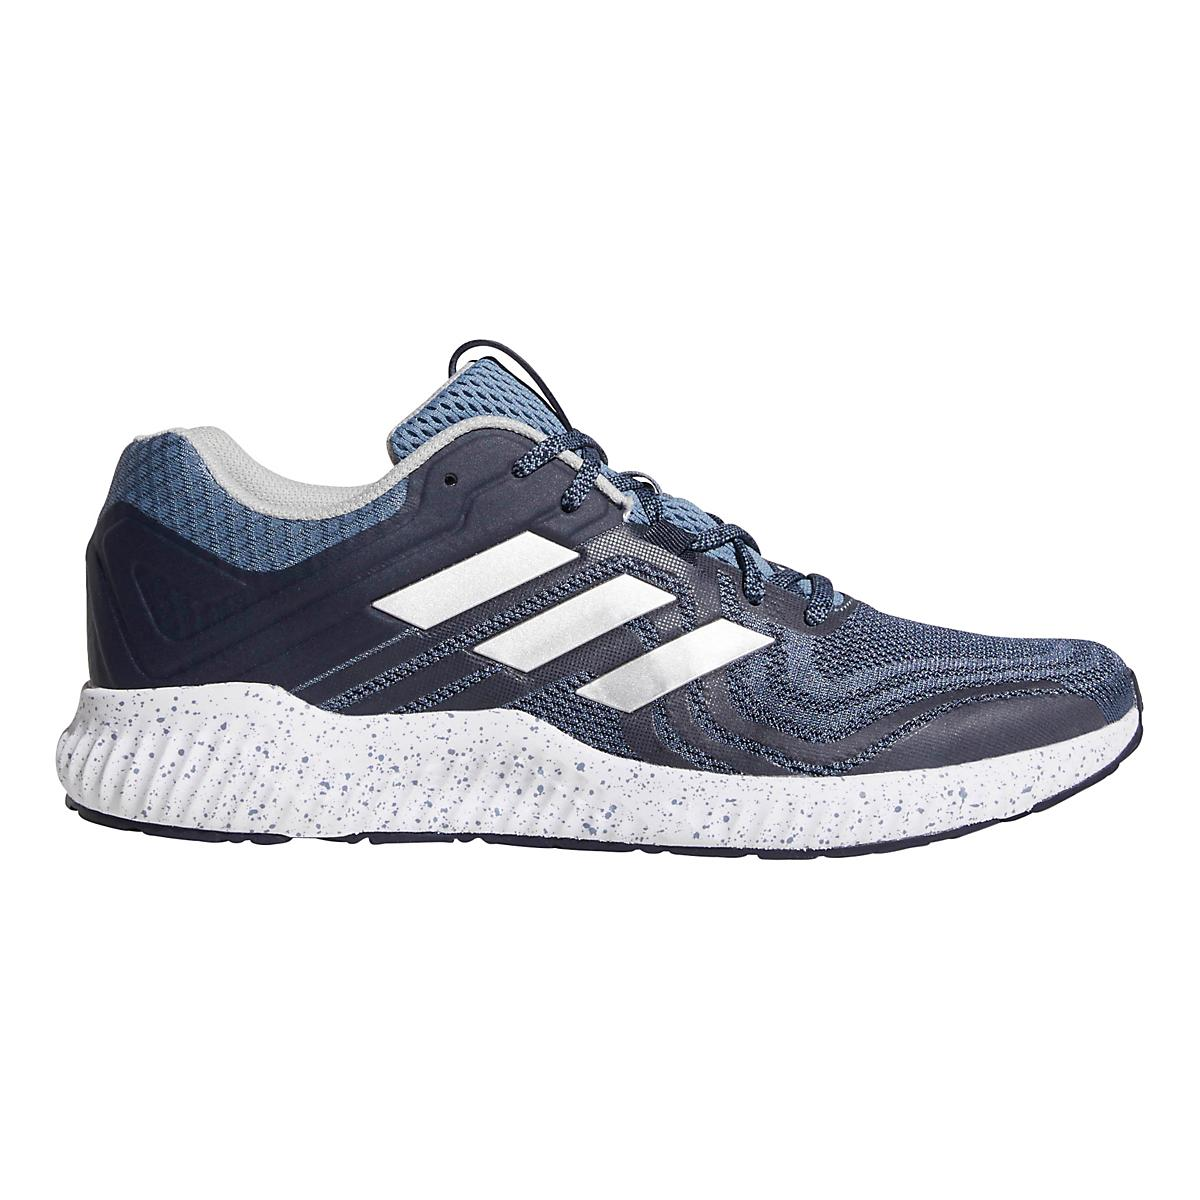 best service a43a4 aa462 Mens adidas AeroBounce ST 2 Running Shoe at Road Runner Spor